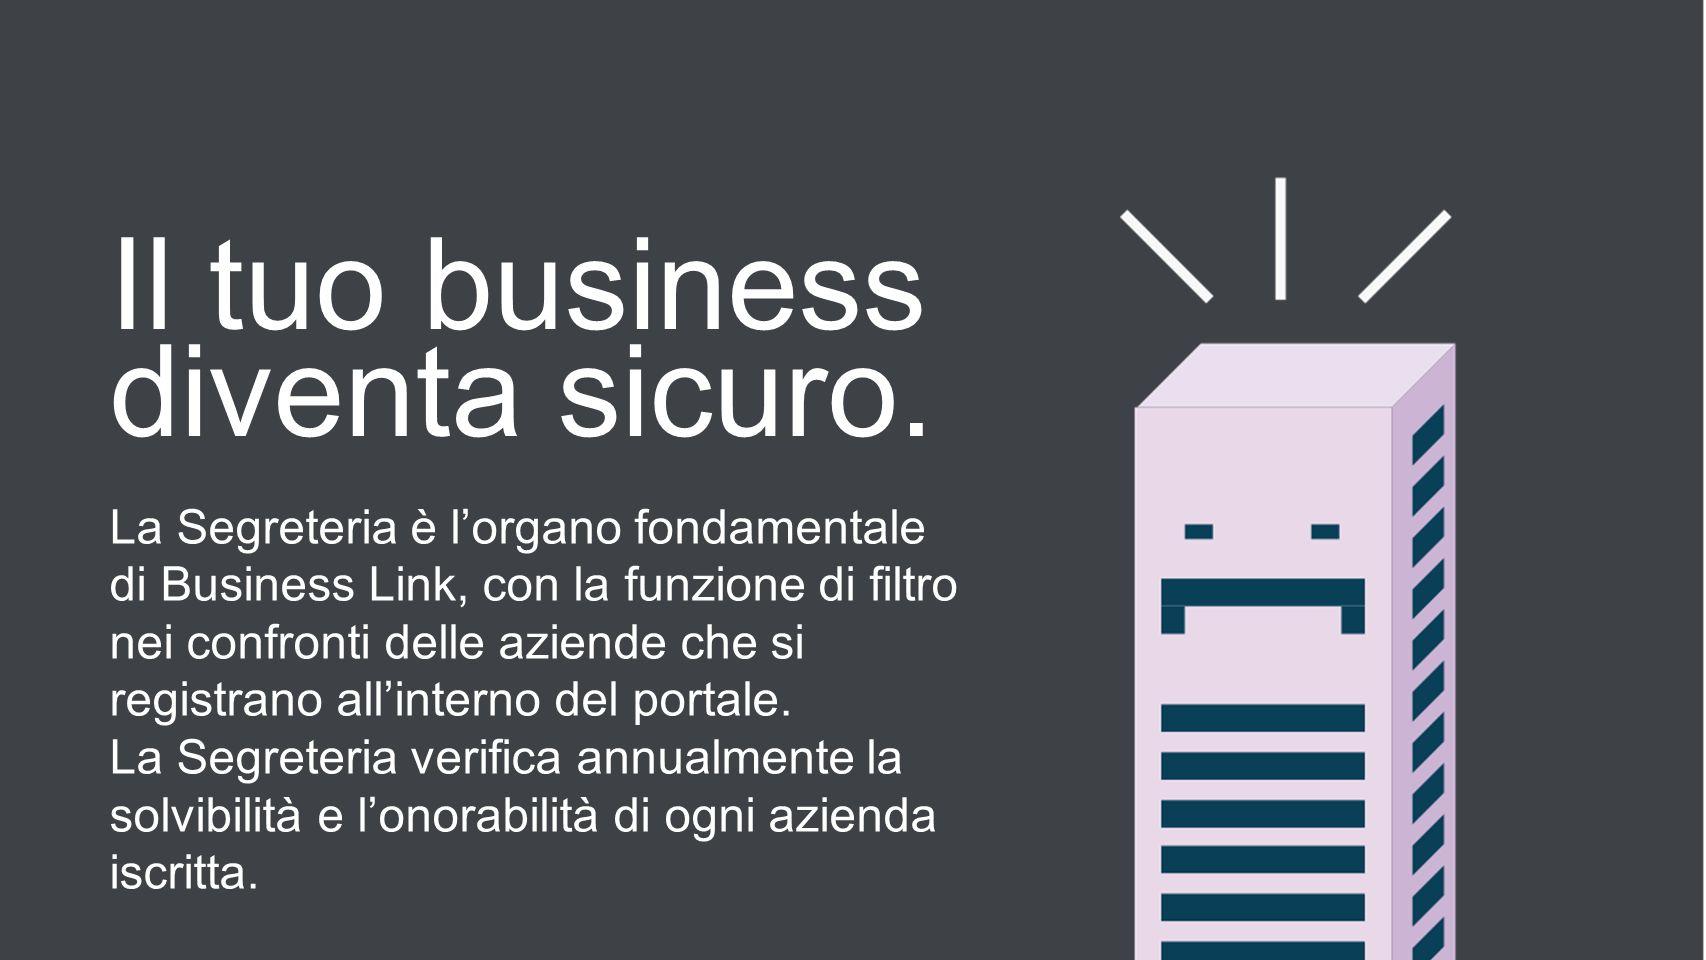 Il tuo business diventa sicuro. La Segreteria è lorgano fondamentale di Business Link, con la funzione di filtro nei confronti delle aziende che si re